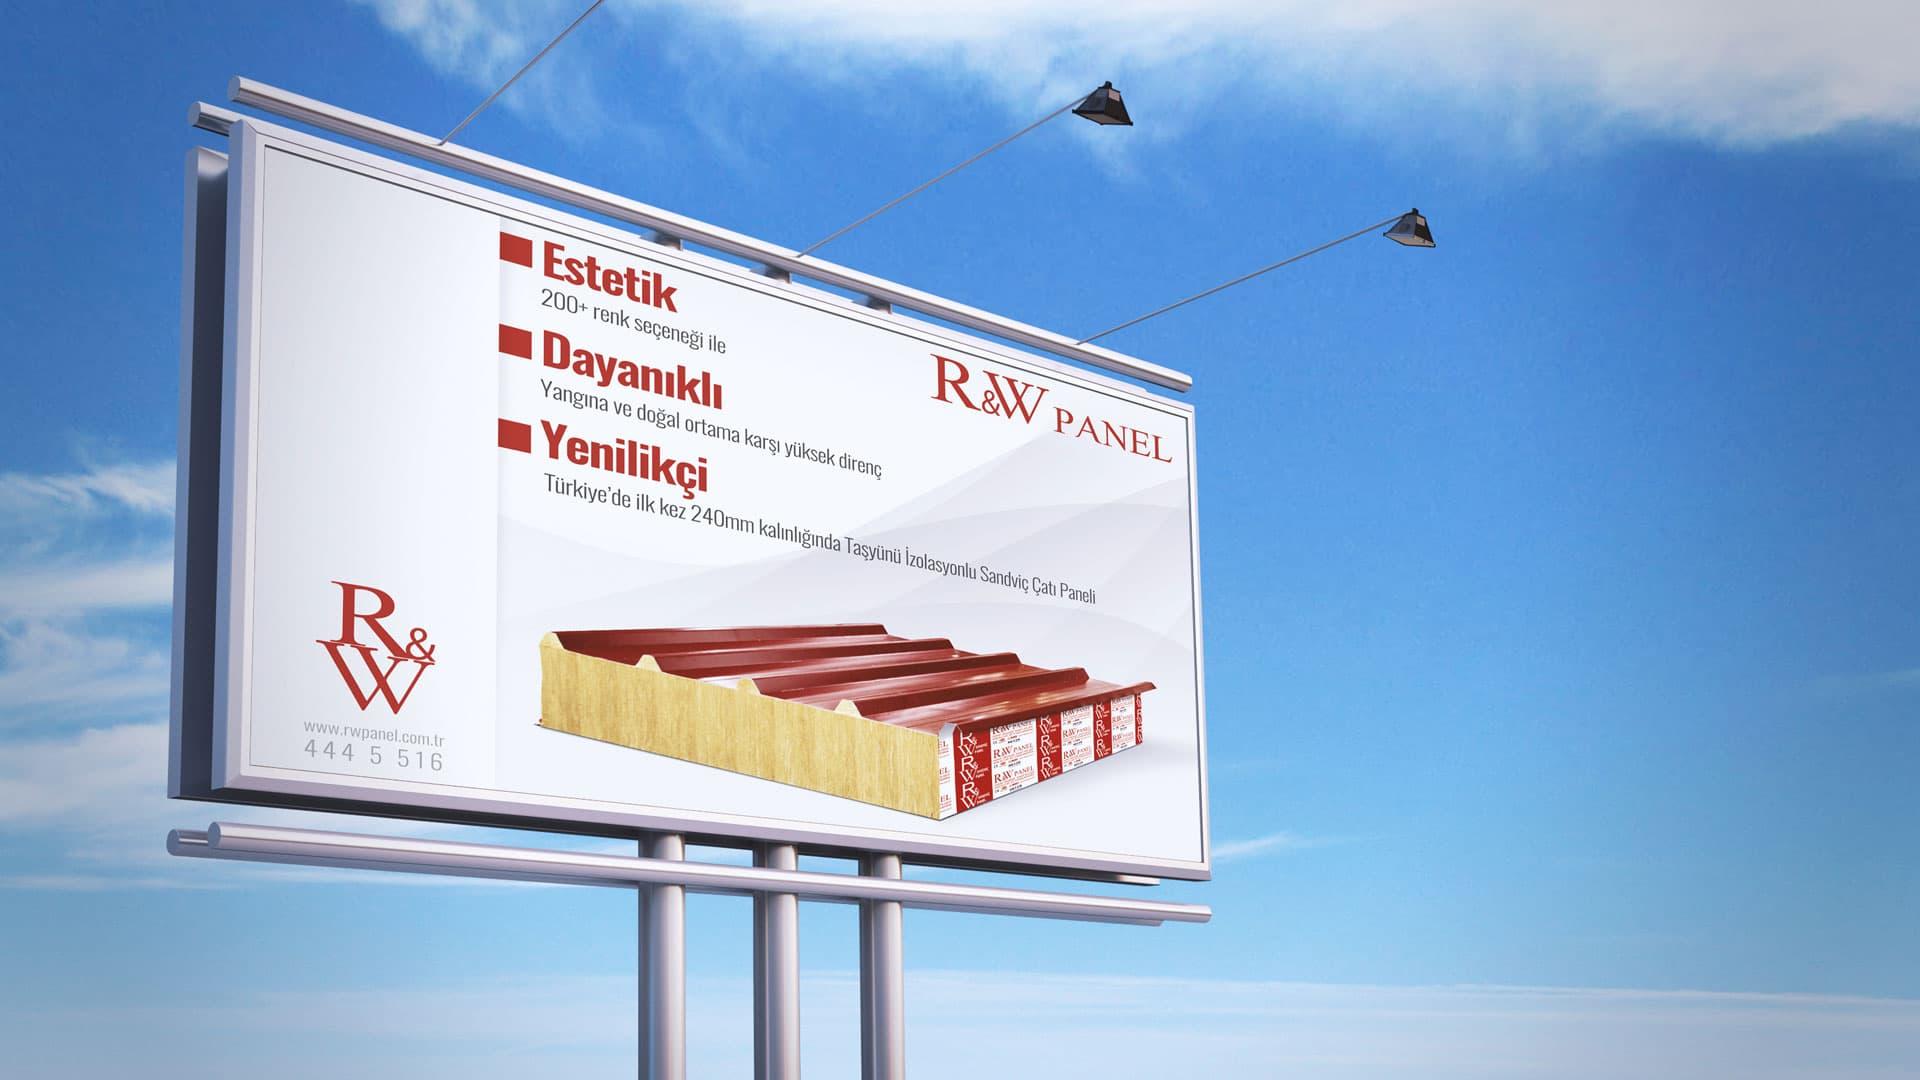 RW Panel - Bilboard Tasarımı